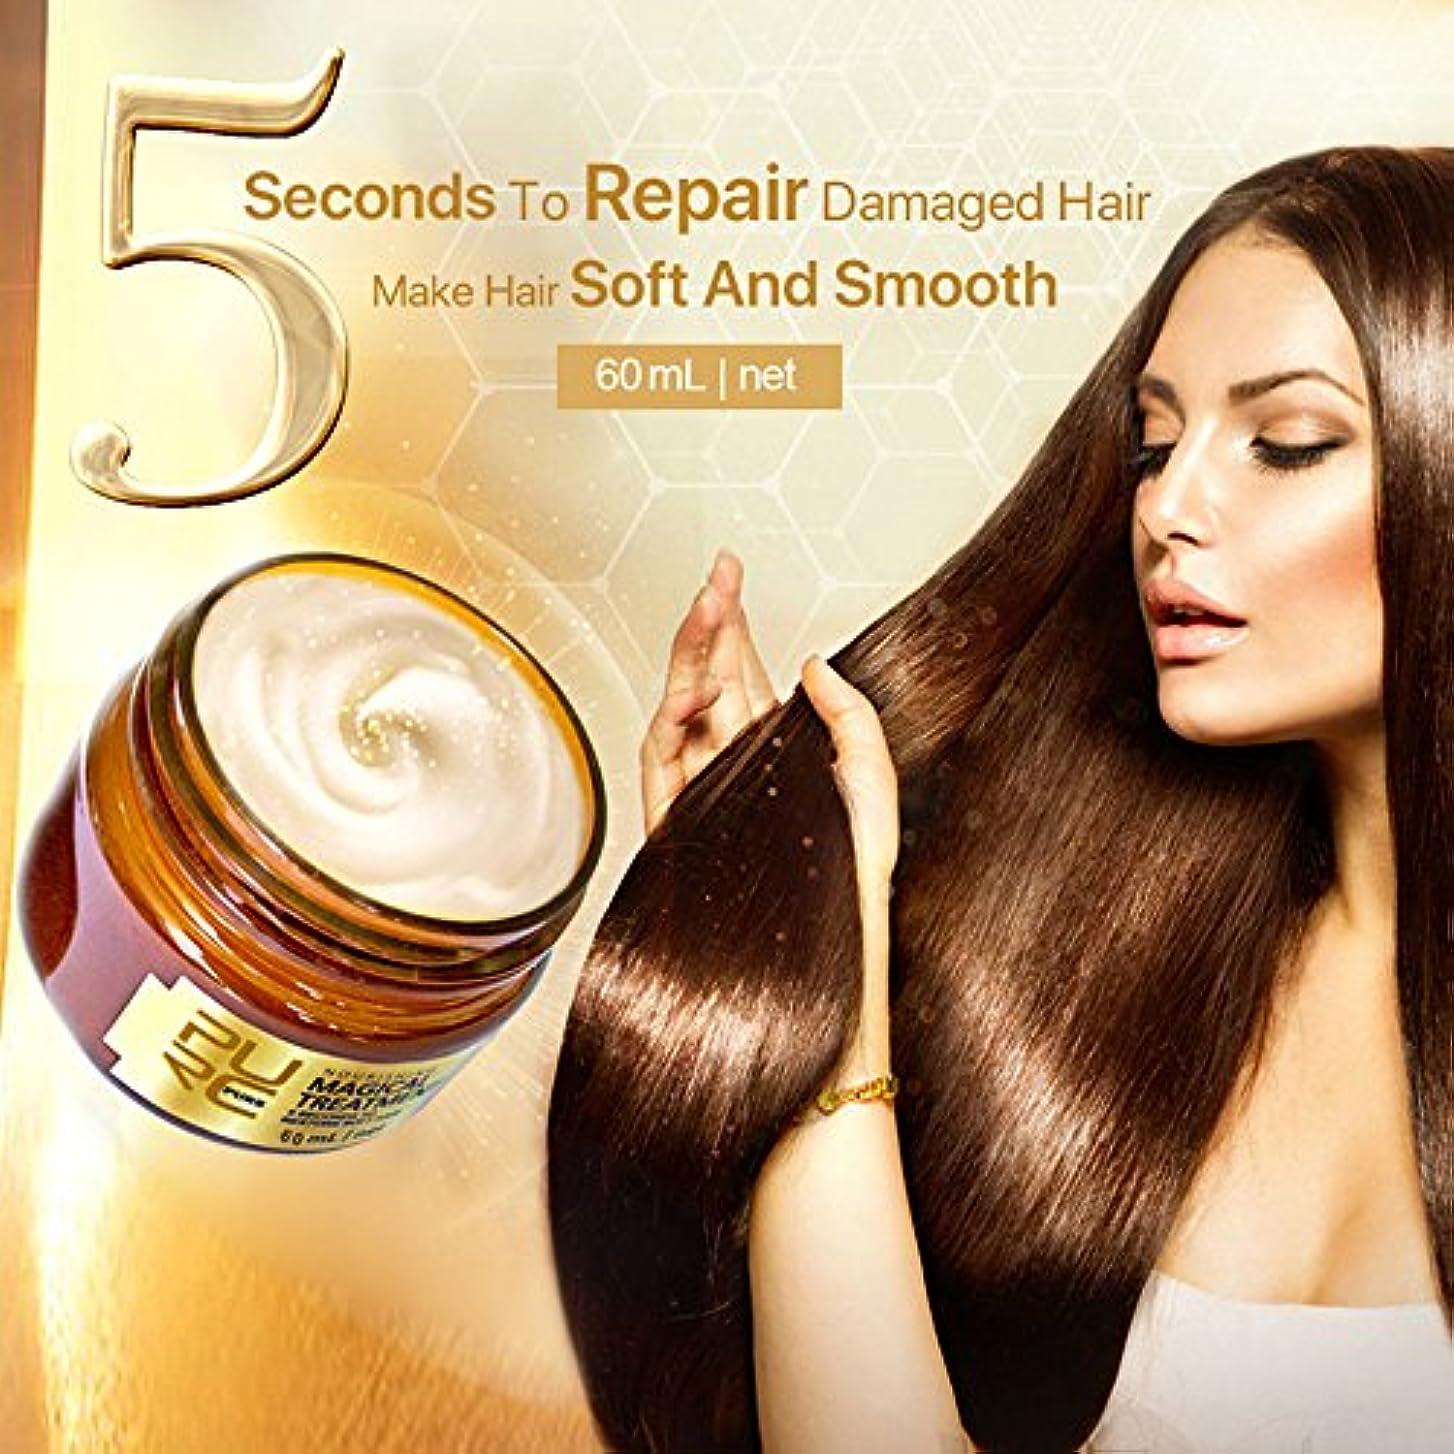 愛人音節事実上ディープリペア軟膏ヘアマスク 高度な分子 毛根治療の回復 魔法のヘアマスクは コンディショナー ヘアケアコンディショ すべての髪のタイプのケラチンヘアの柔らかい髪を復元します (60ML)